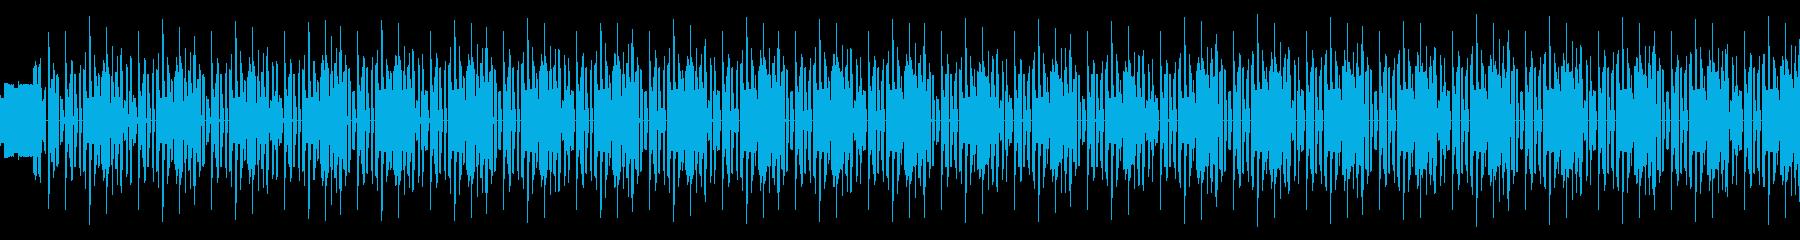 和風でノリ良いファミコンサウンドの再生済みの波形